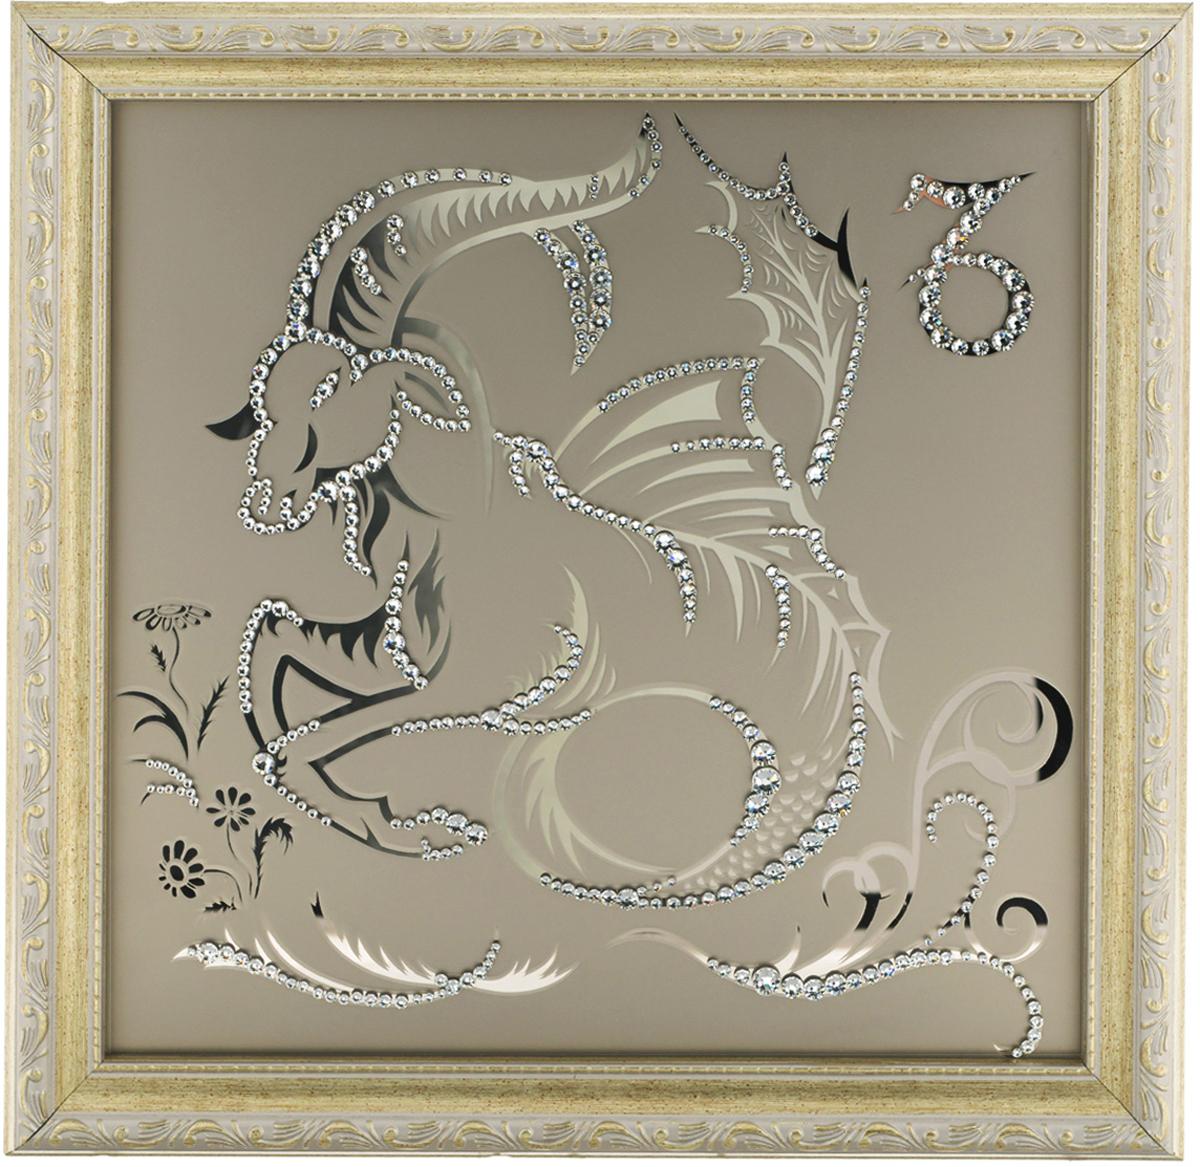 Картина с кристаллами Swarovski Знак зодиака. Козерог, 35 х 35 см1131Изящная картина в багетной раме, инкрустирована кристаллами Swarovski в виде знака зодиака - Козерог на матовом стекле золотистого цвета. Кристаллы Swarovski отличаются четкой и ровной огранкой, ярким блеском и чистотой цвета. С обратной стороны имеется металлическая проволока для размещения картины на стене. Картина с кристаллами Swarovski Знак зодиака. Козерог элегантно украсит интерьер дома или офиса, а также станет прекрасным подарком, который обязательно понравится получателю. Блеск кристаллов в интерьере, что может быть сказочнее и удивительнее. Картина упакована в подарочную картонную коробку синего цвета и комплектуется сертификатом соответствия Swarovski.